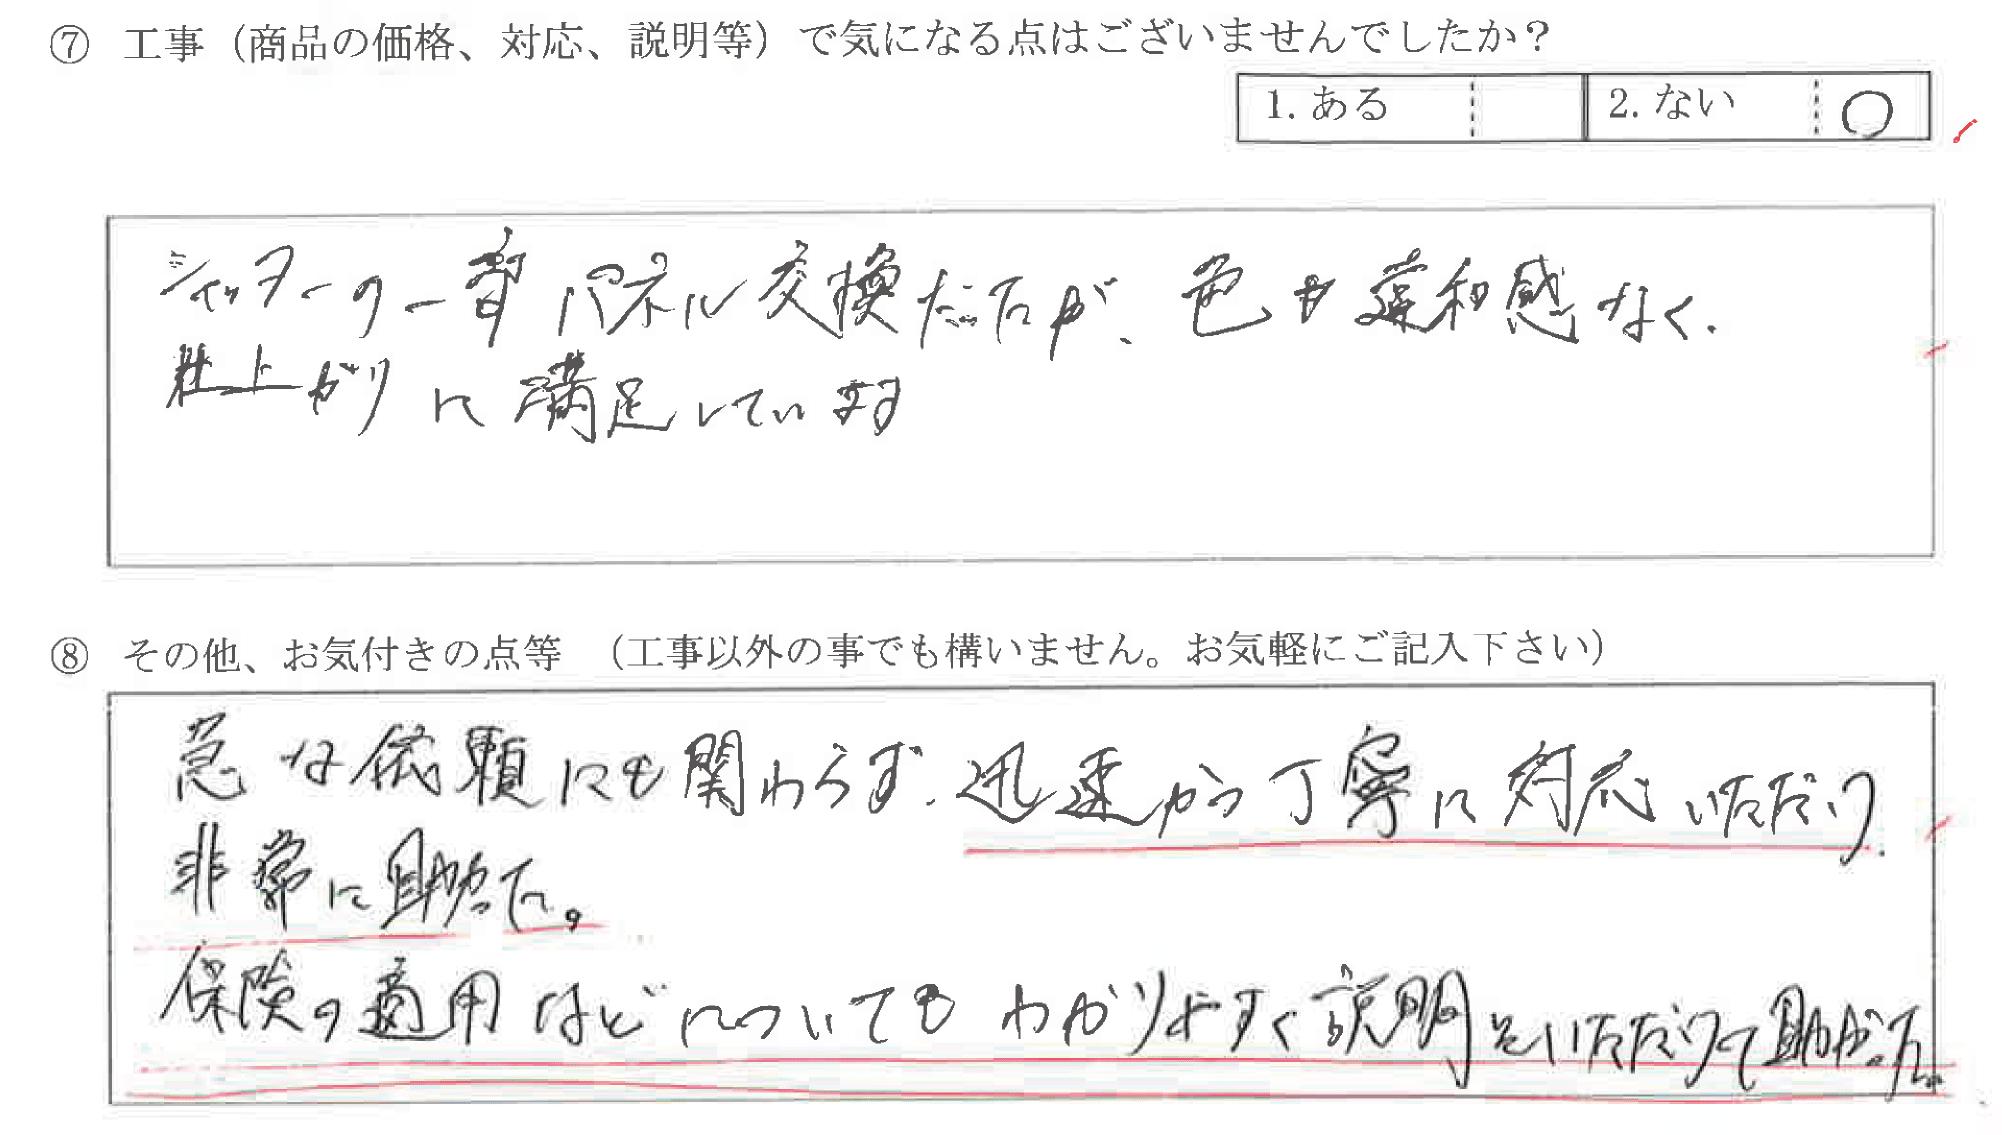 富山県富山市F様に頂いたガレージ修繕工事についてのお気づきの点がありましたら、お聞かせ下さい。というご質問について「ガレージ修繕工事【お喜びの声】」というお声についての画像